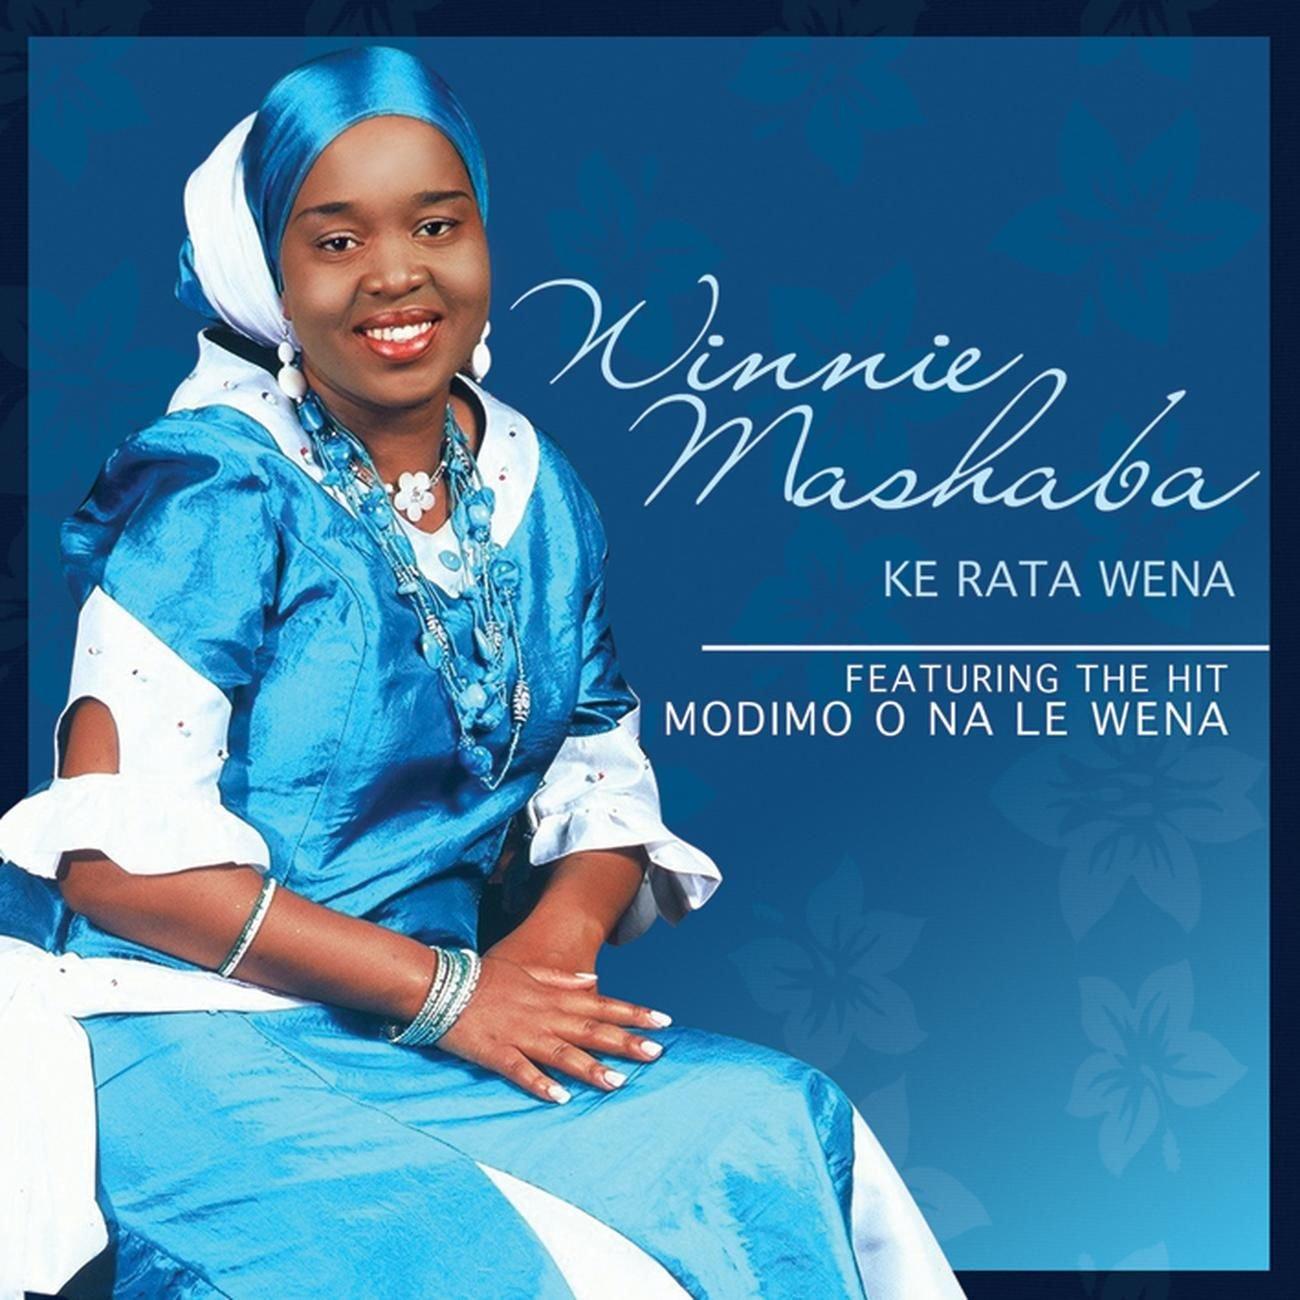 download winnie mashaba kerata wena mp3